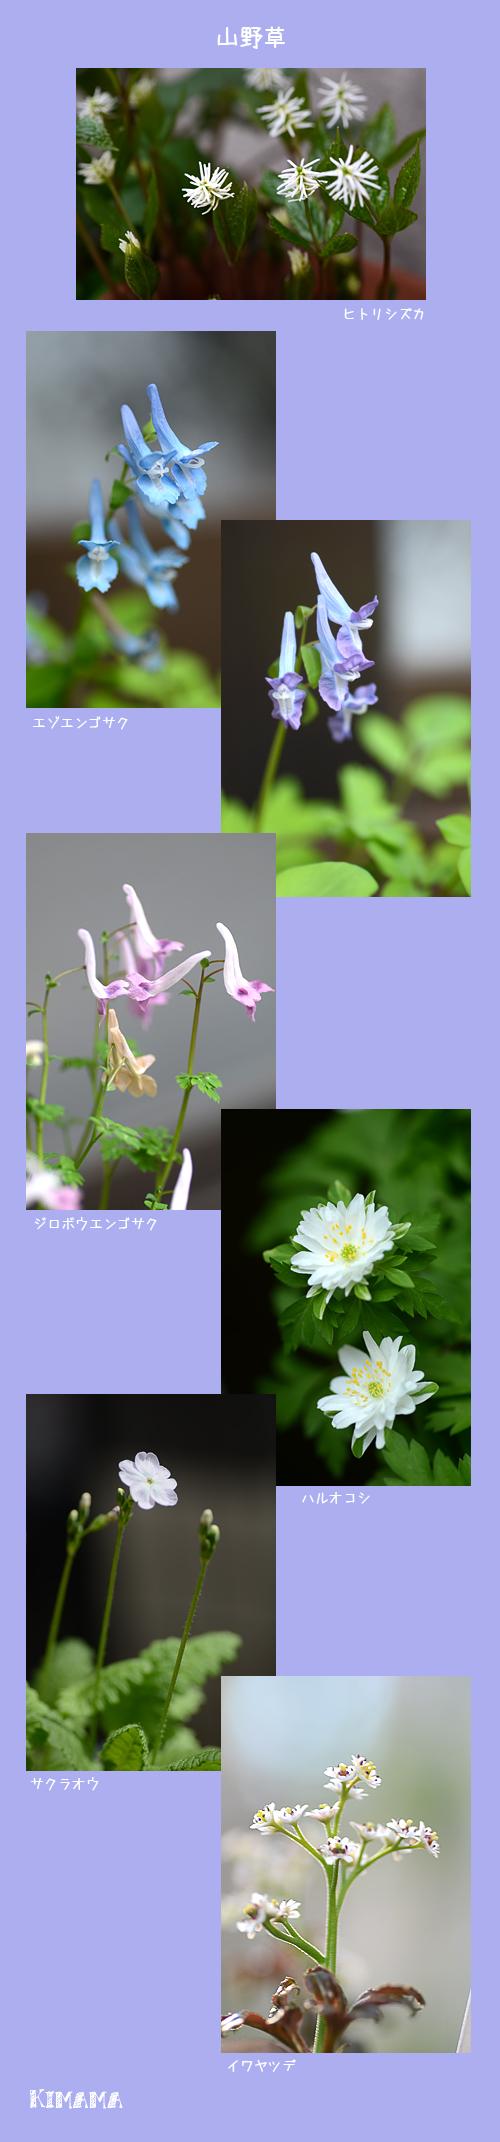 4月7日庭の花2